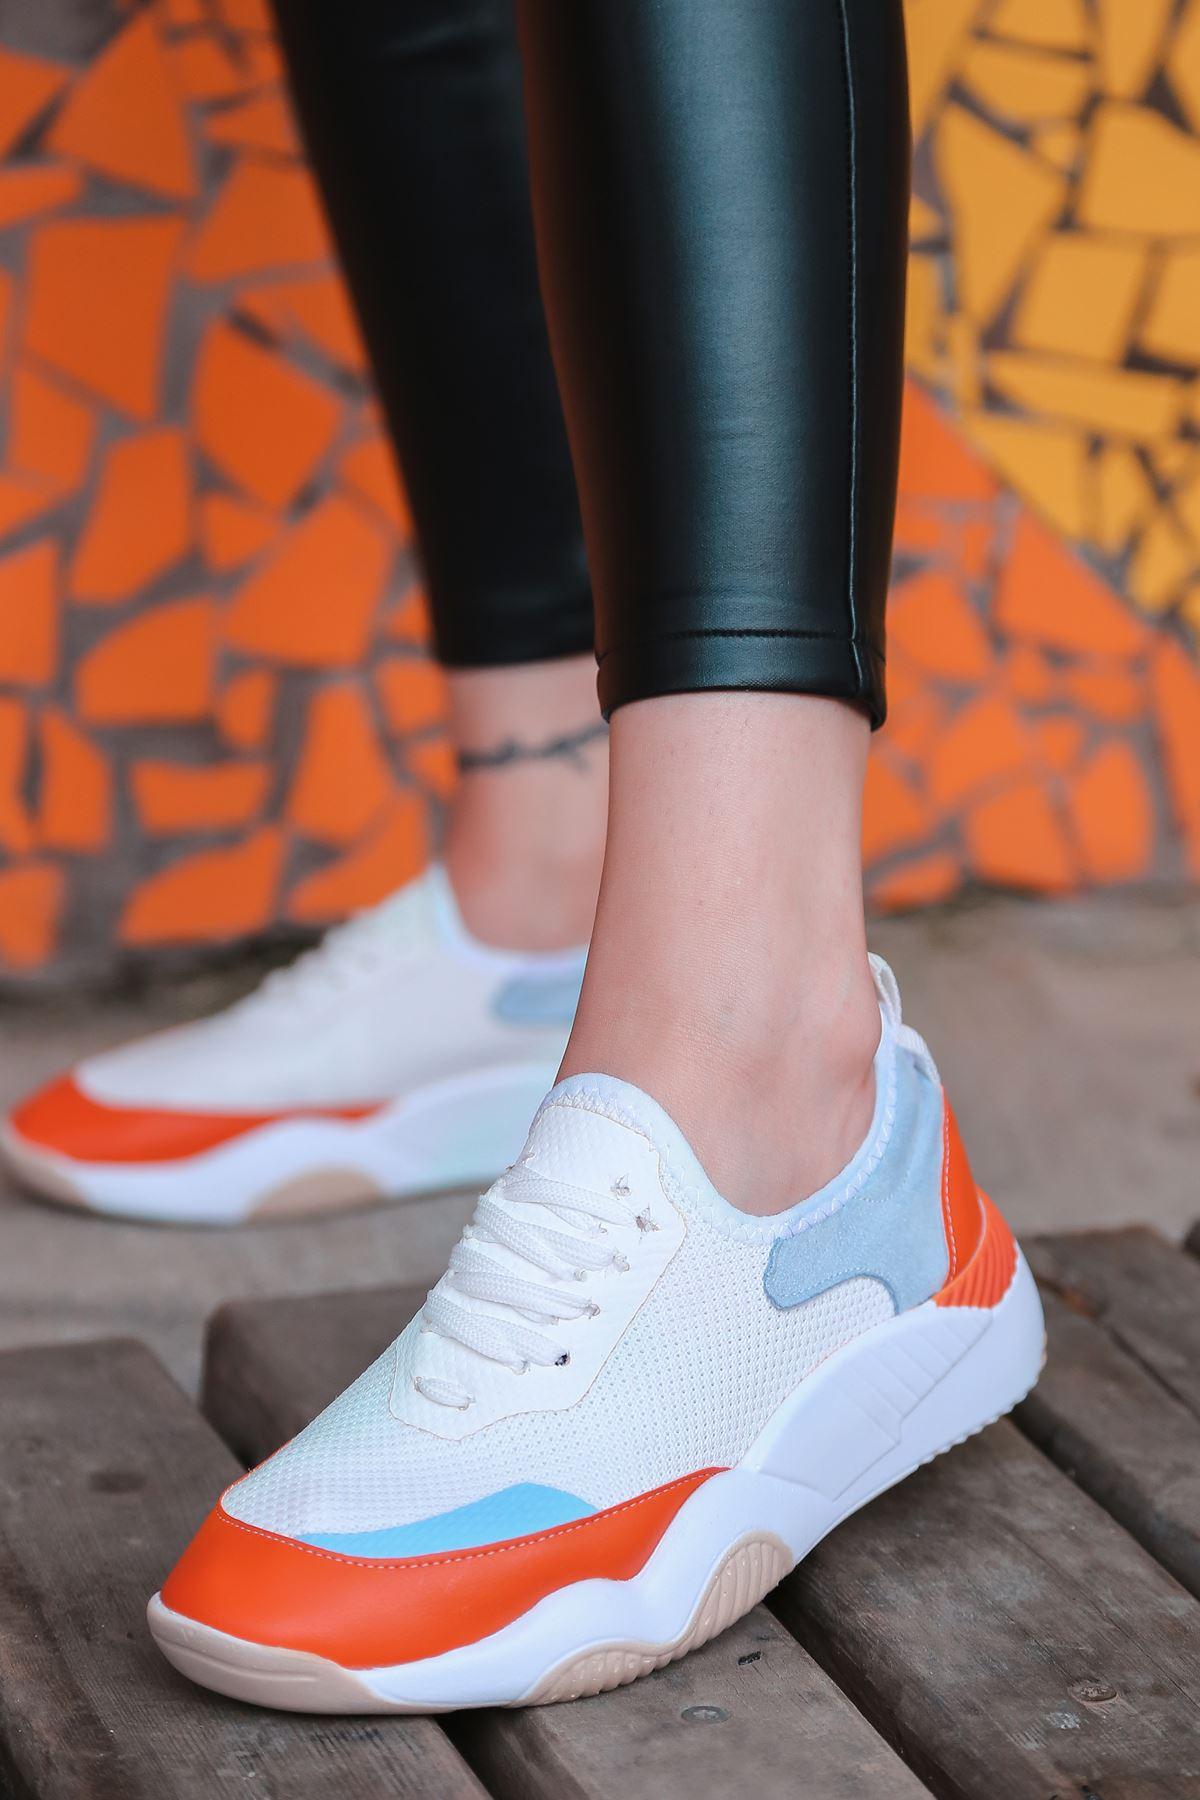 Rovina Mavi Turuncu Parçalı Bağcık Detaylı Beyaz Kadın Spor Ayakkabı